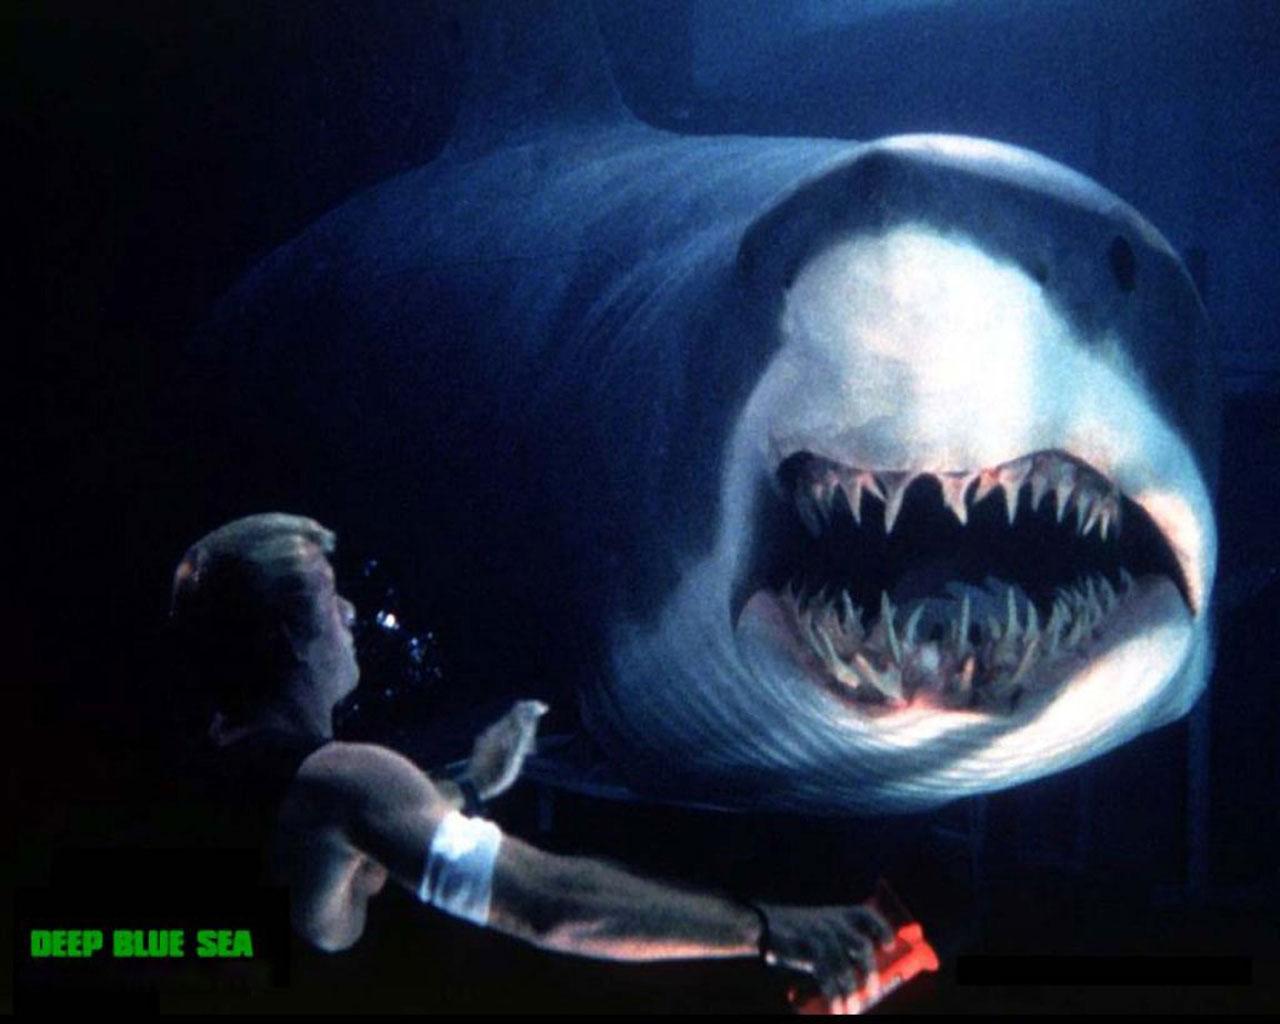 рассмотрим, почему фильм о жизни на подлодке акула они выламываются